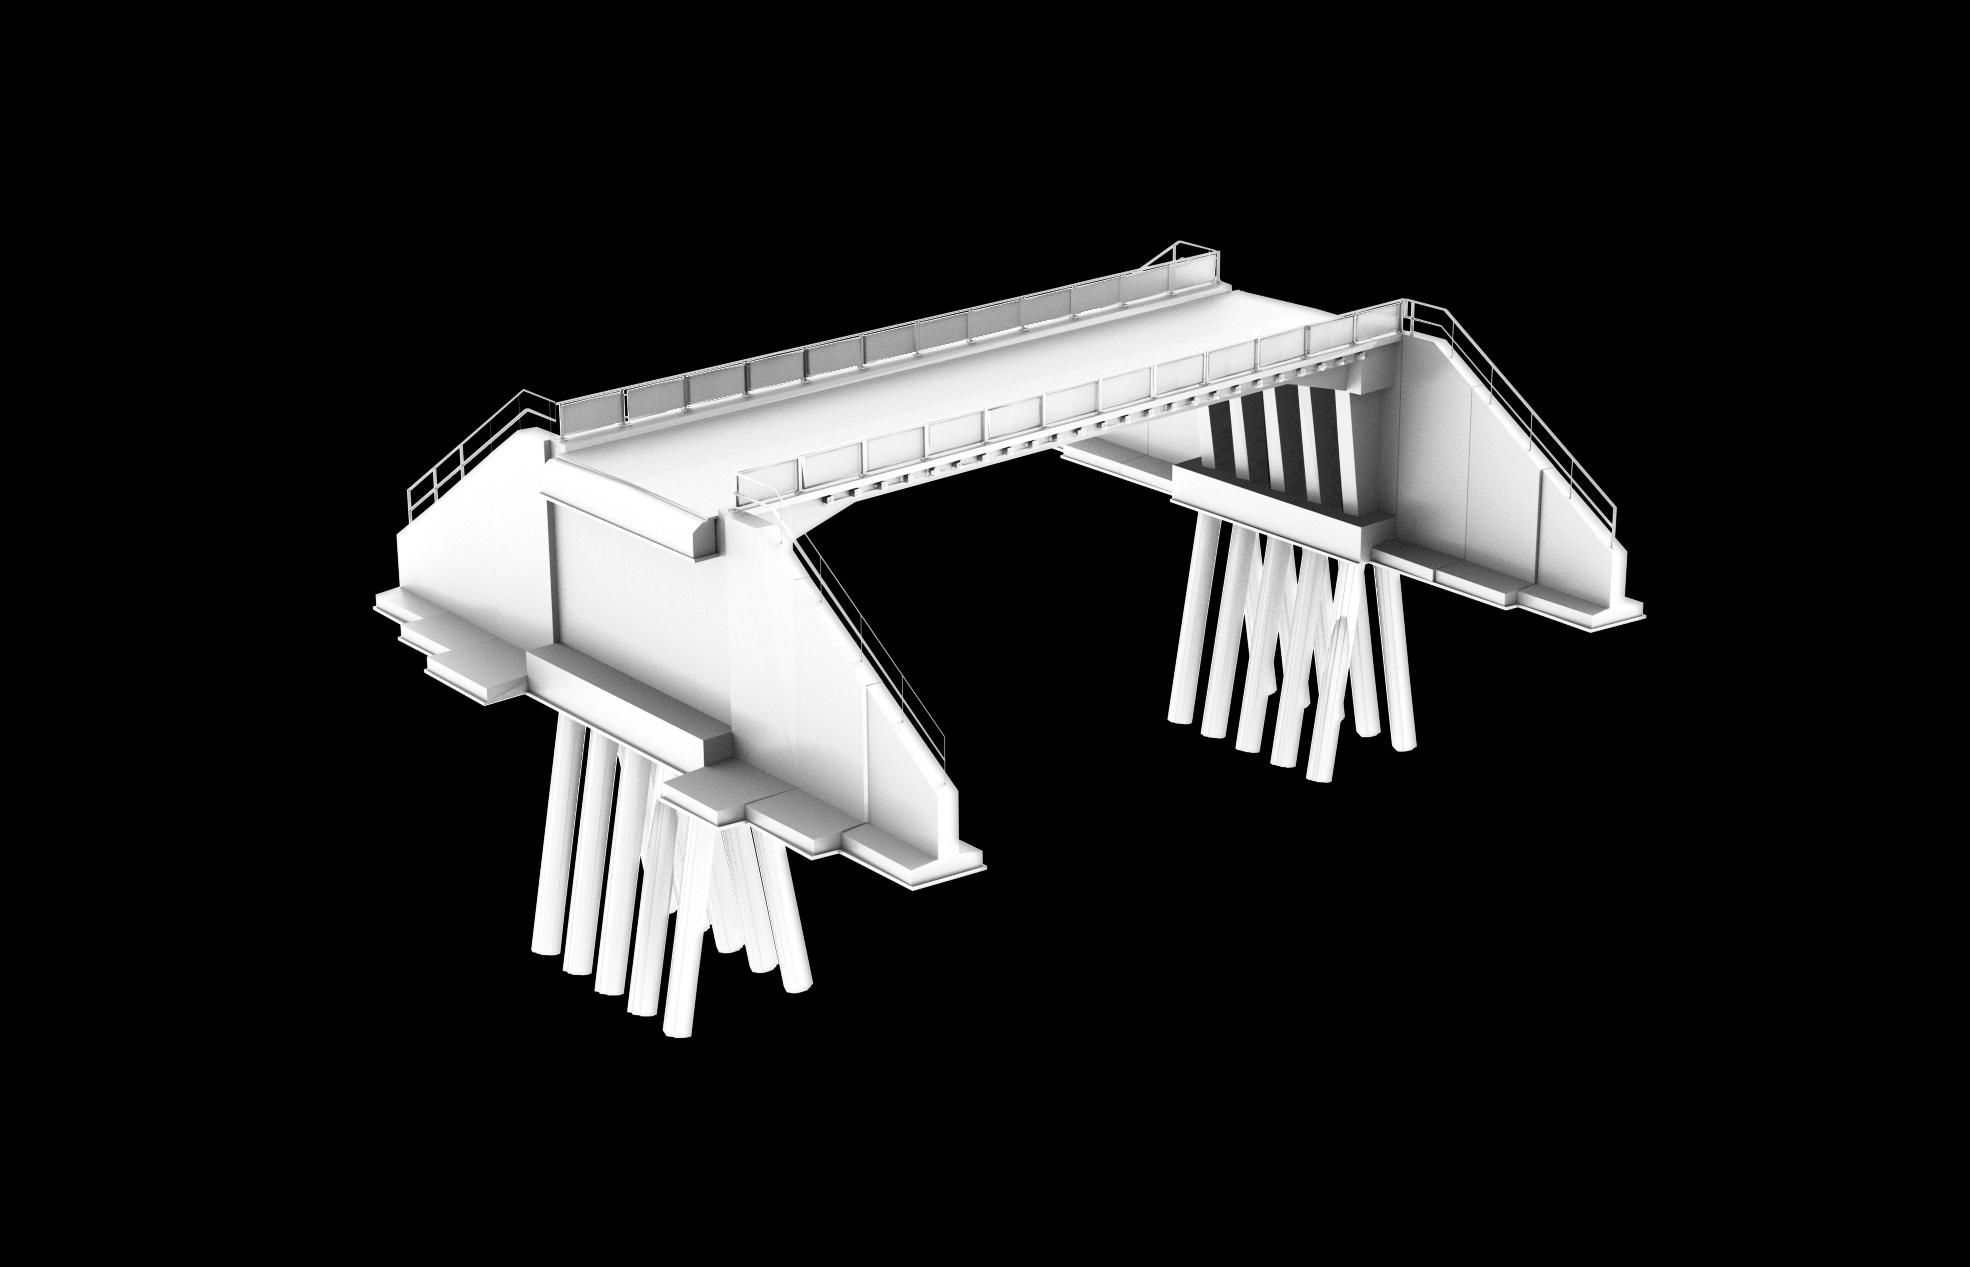 Neues System für Straßenbrücken in modularer Bauweise